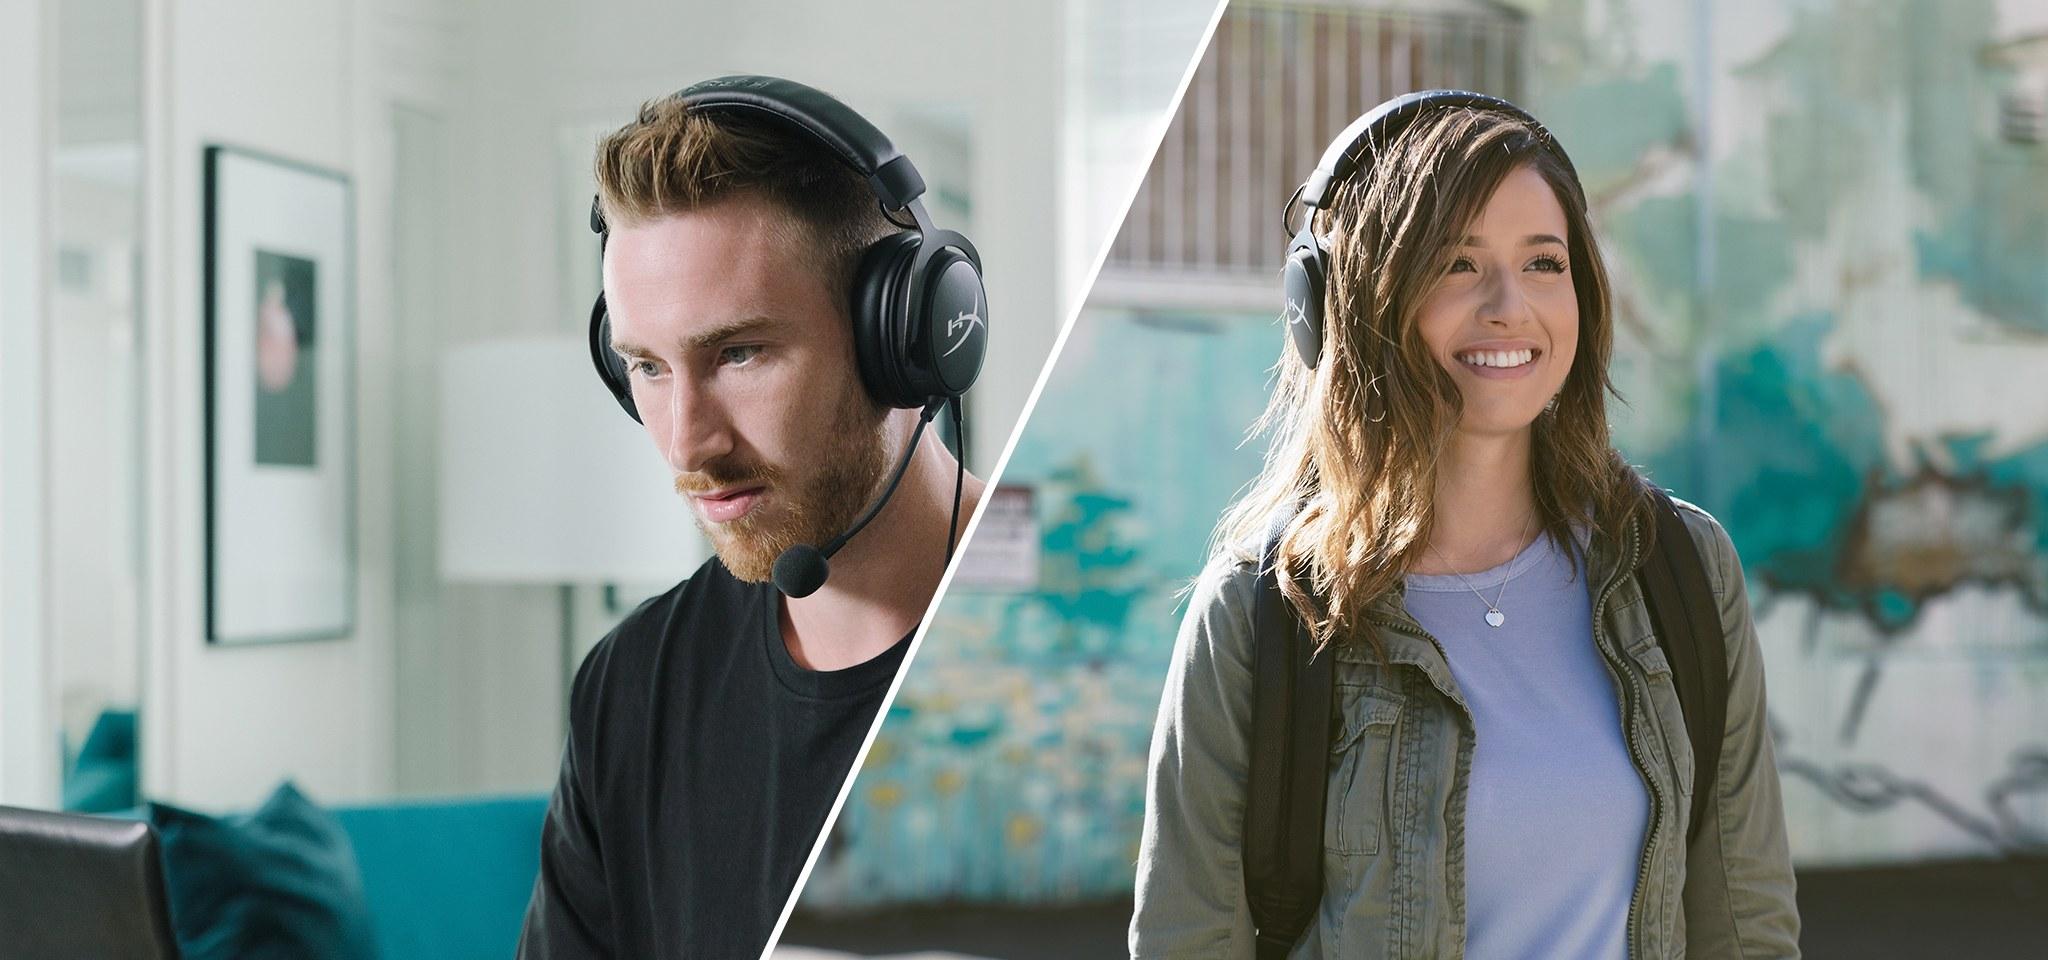 hx-hero-headset-cloud-mix-lg